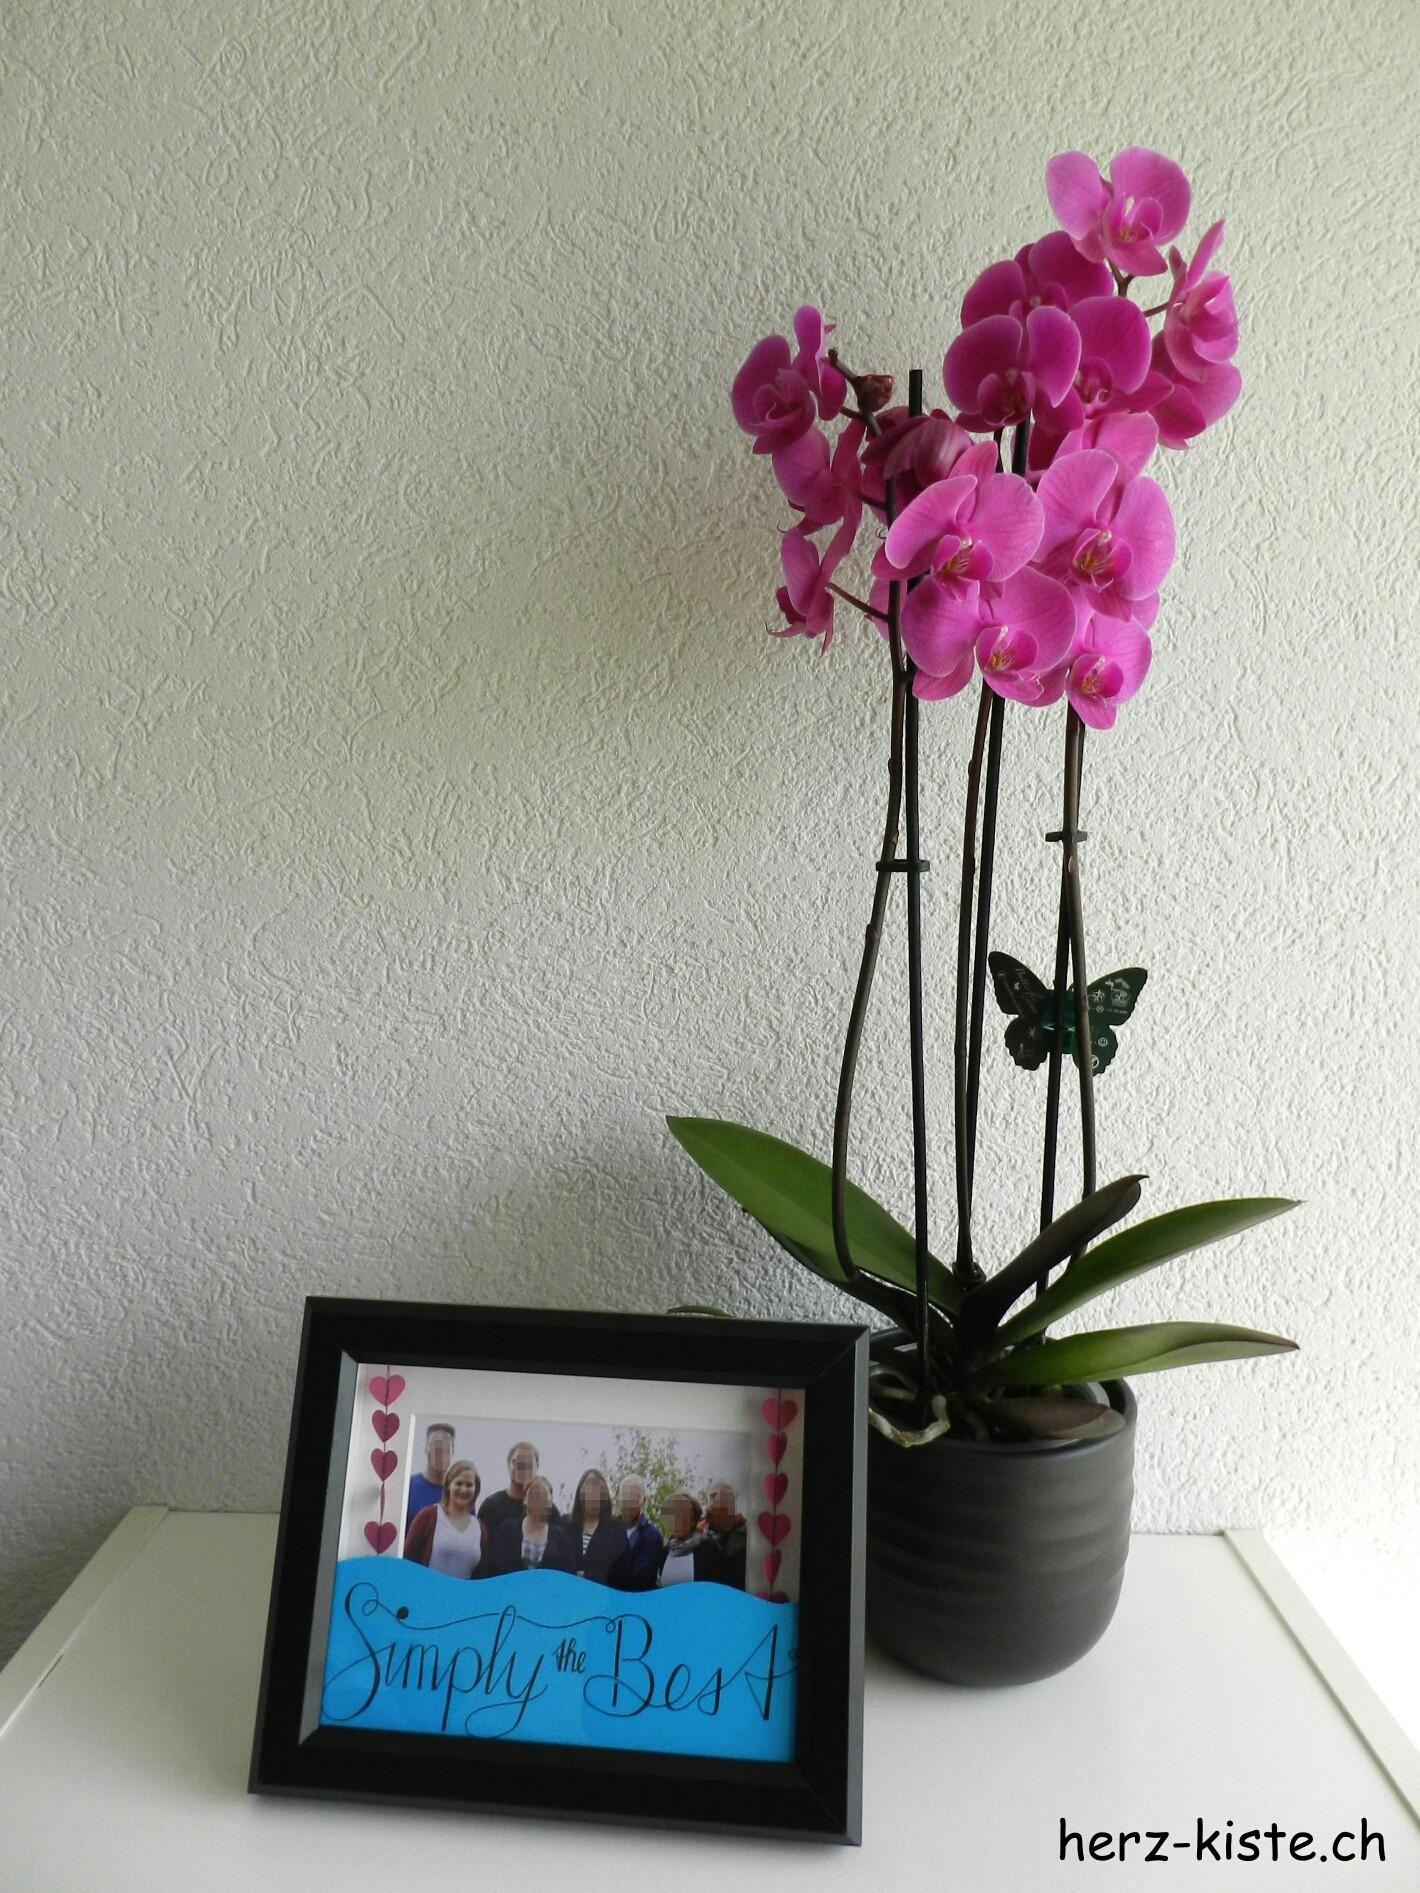 Geschenk zum Vatertag: Bilderrahmen mit Handlettering